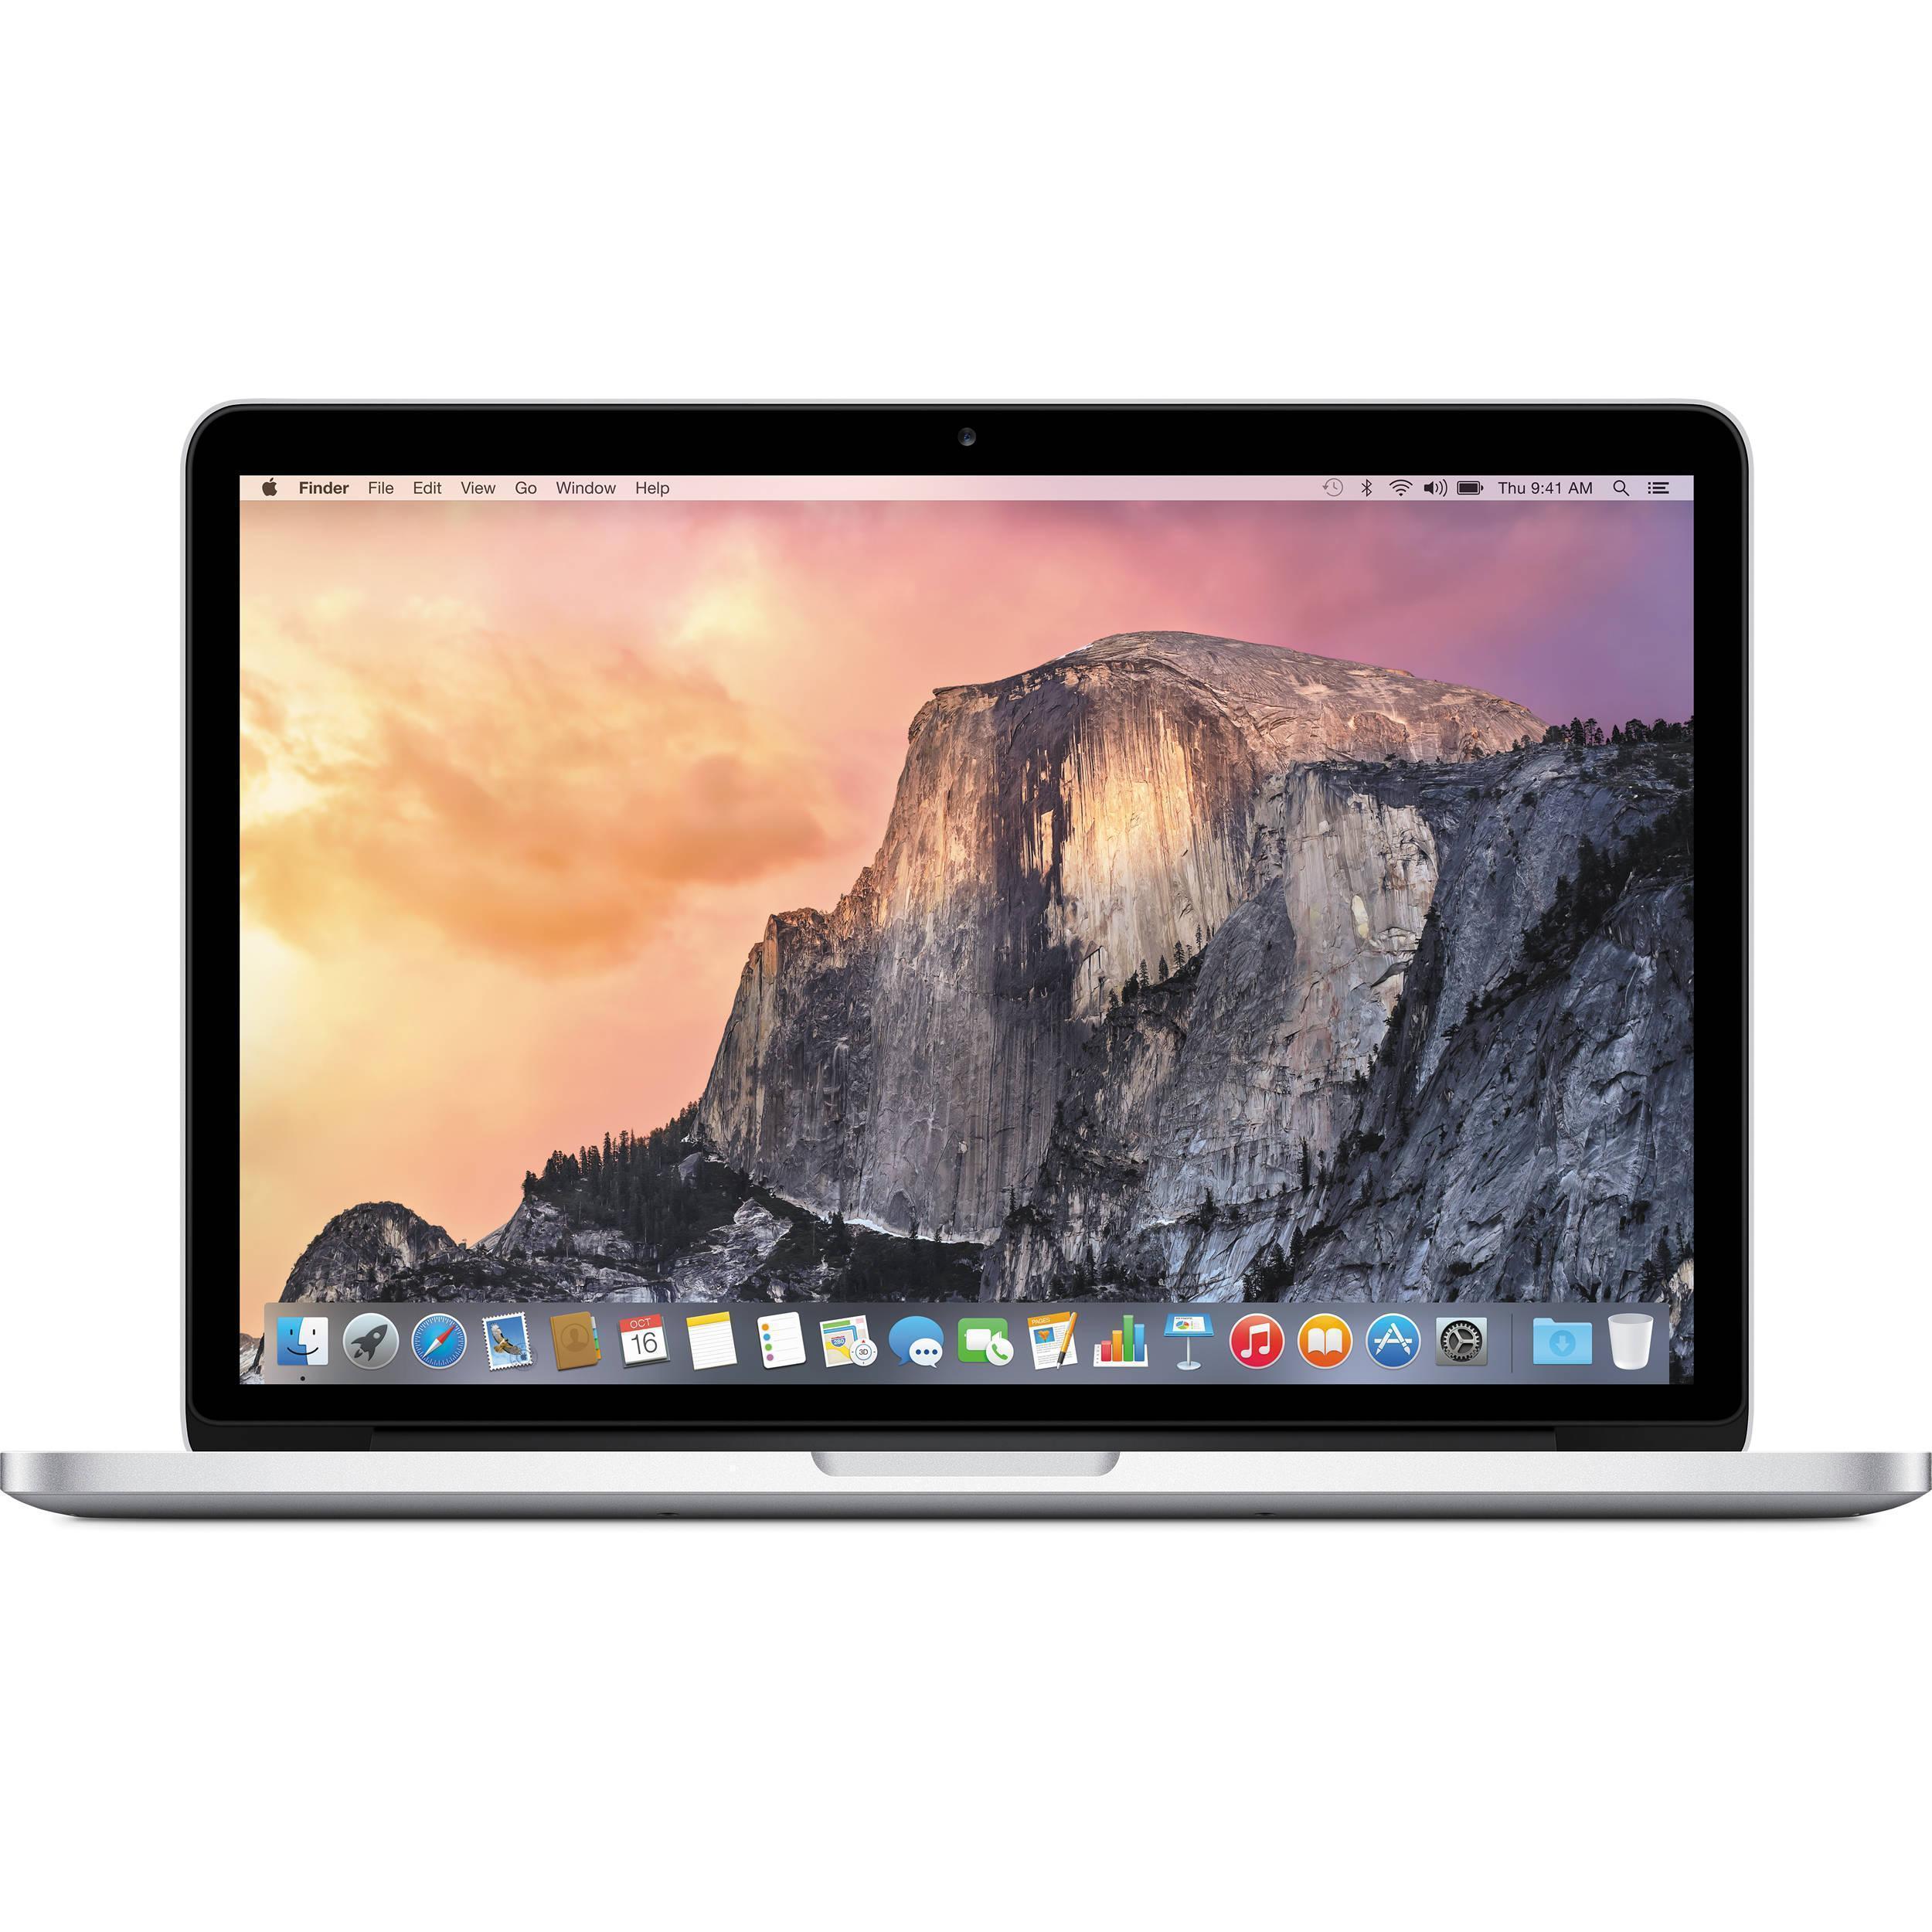 MacBook Pro Retina 13,3-tum (2013) - Core i7 - 8GB - SSD 128 GB QWERTY - Engelska (USA)